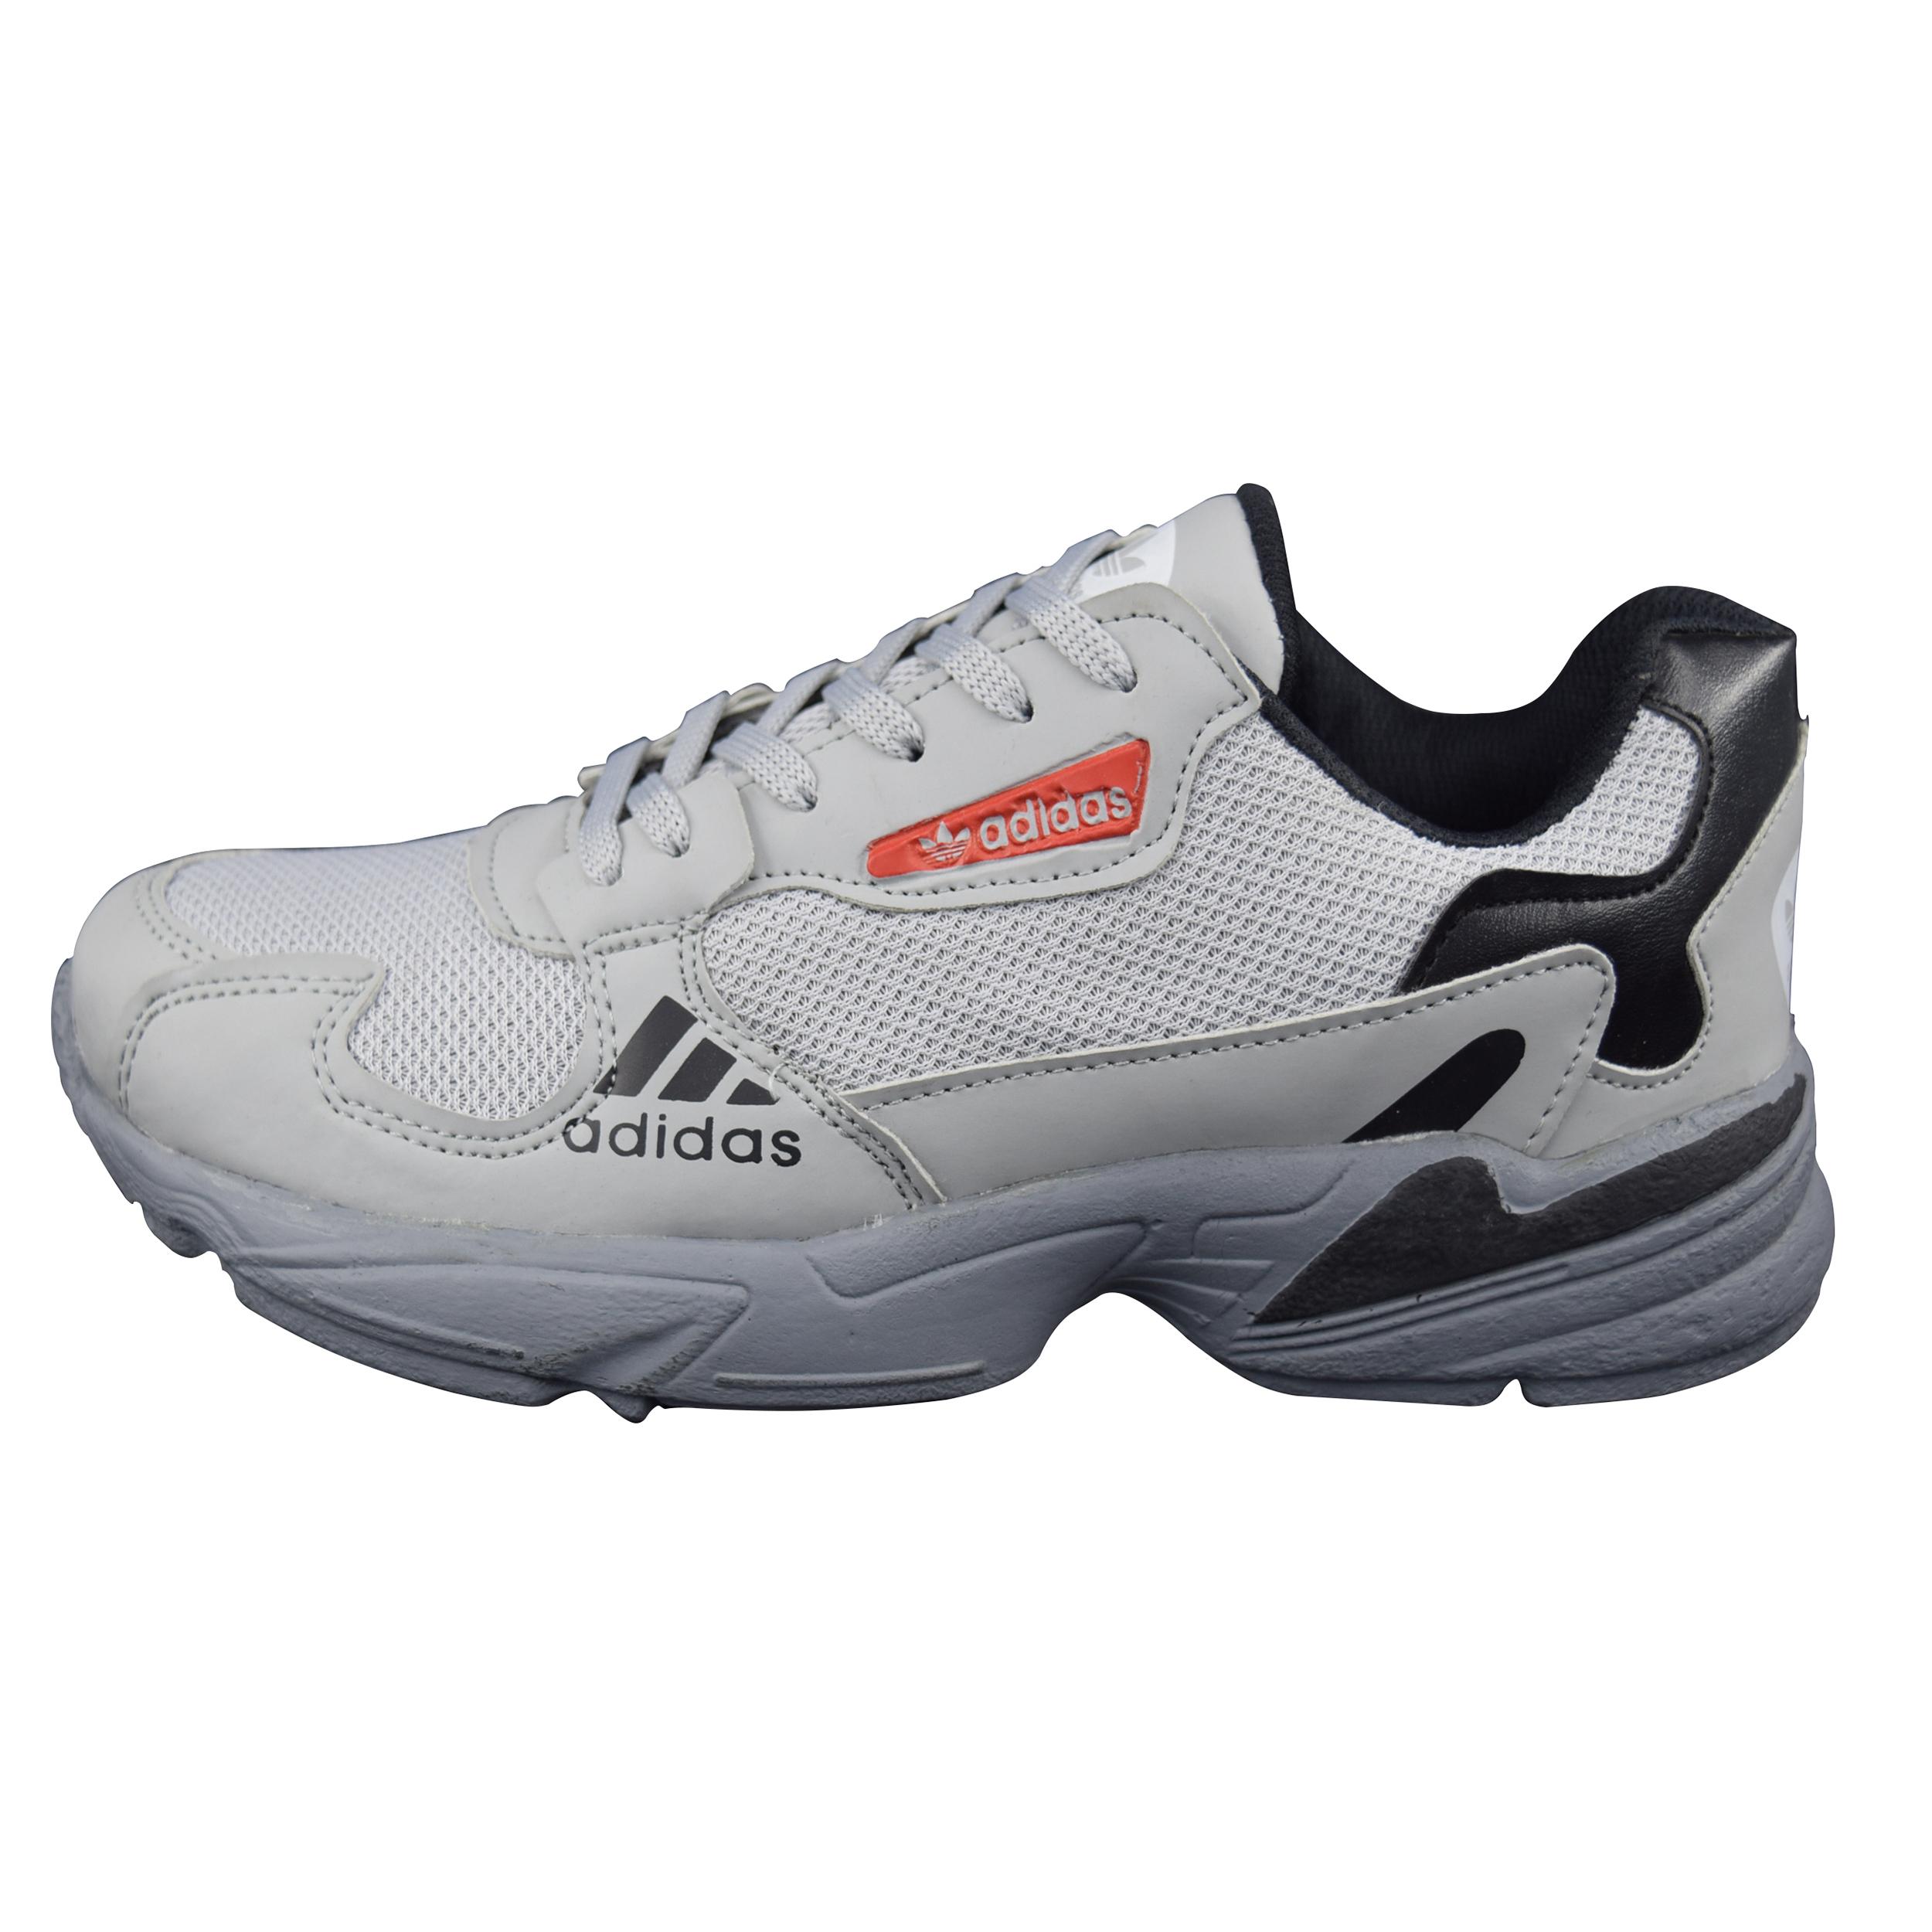 قیمت خرید کفش مخصوص پیاده روی مردانه مدل فالکن کد Da-shm0080 اورجینال